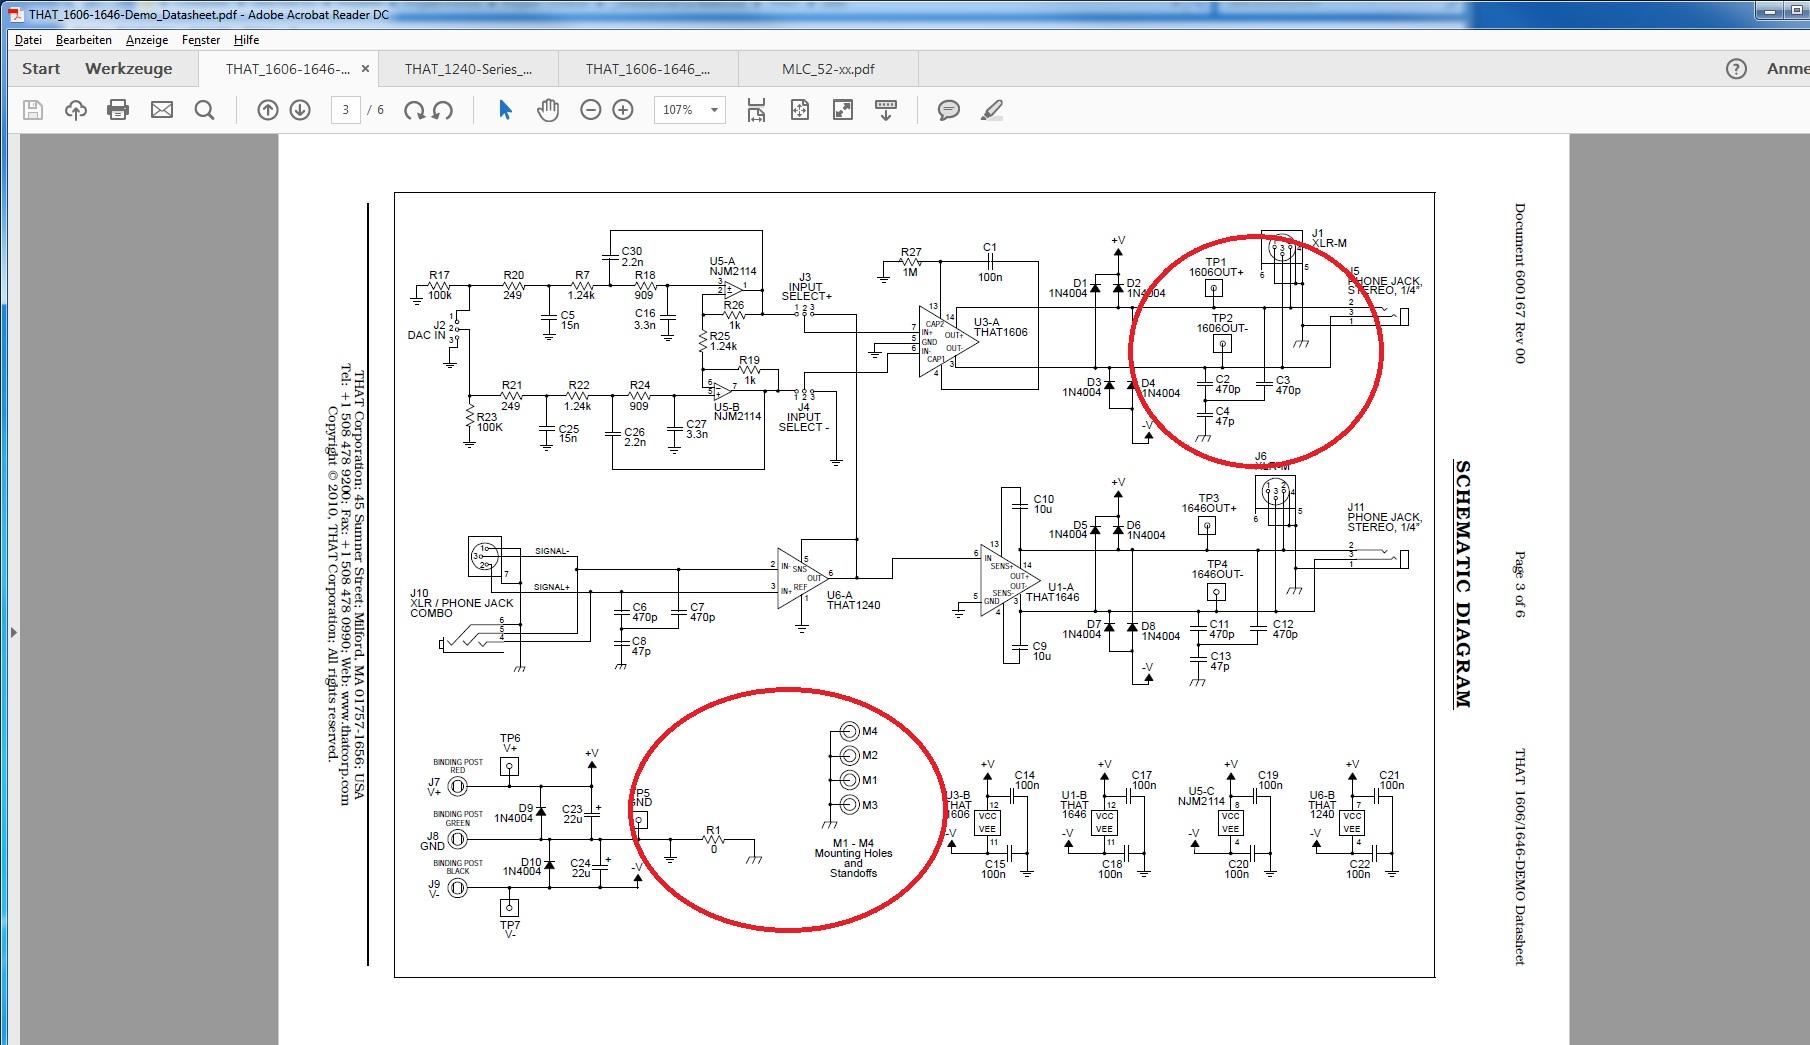 Treiber für symmetrische Leitung Masse Erde Mikrocontroller